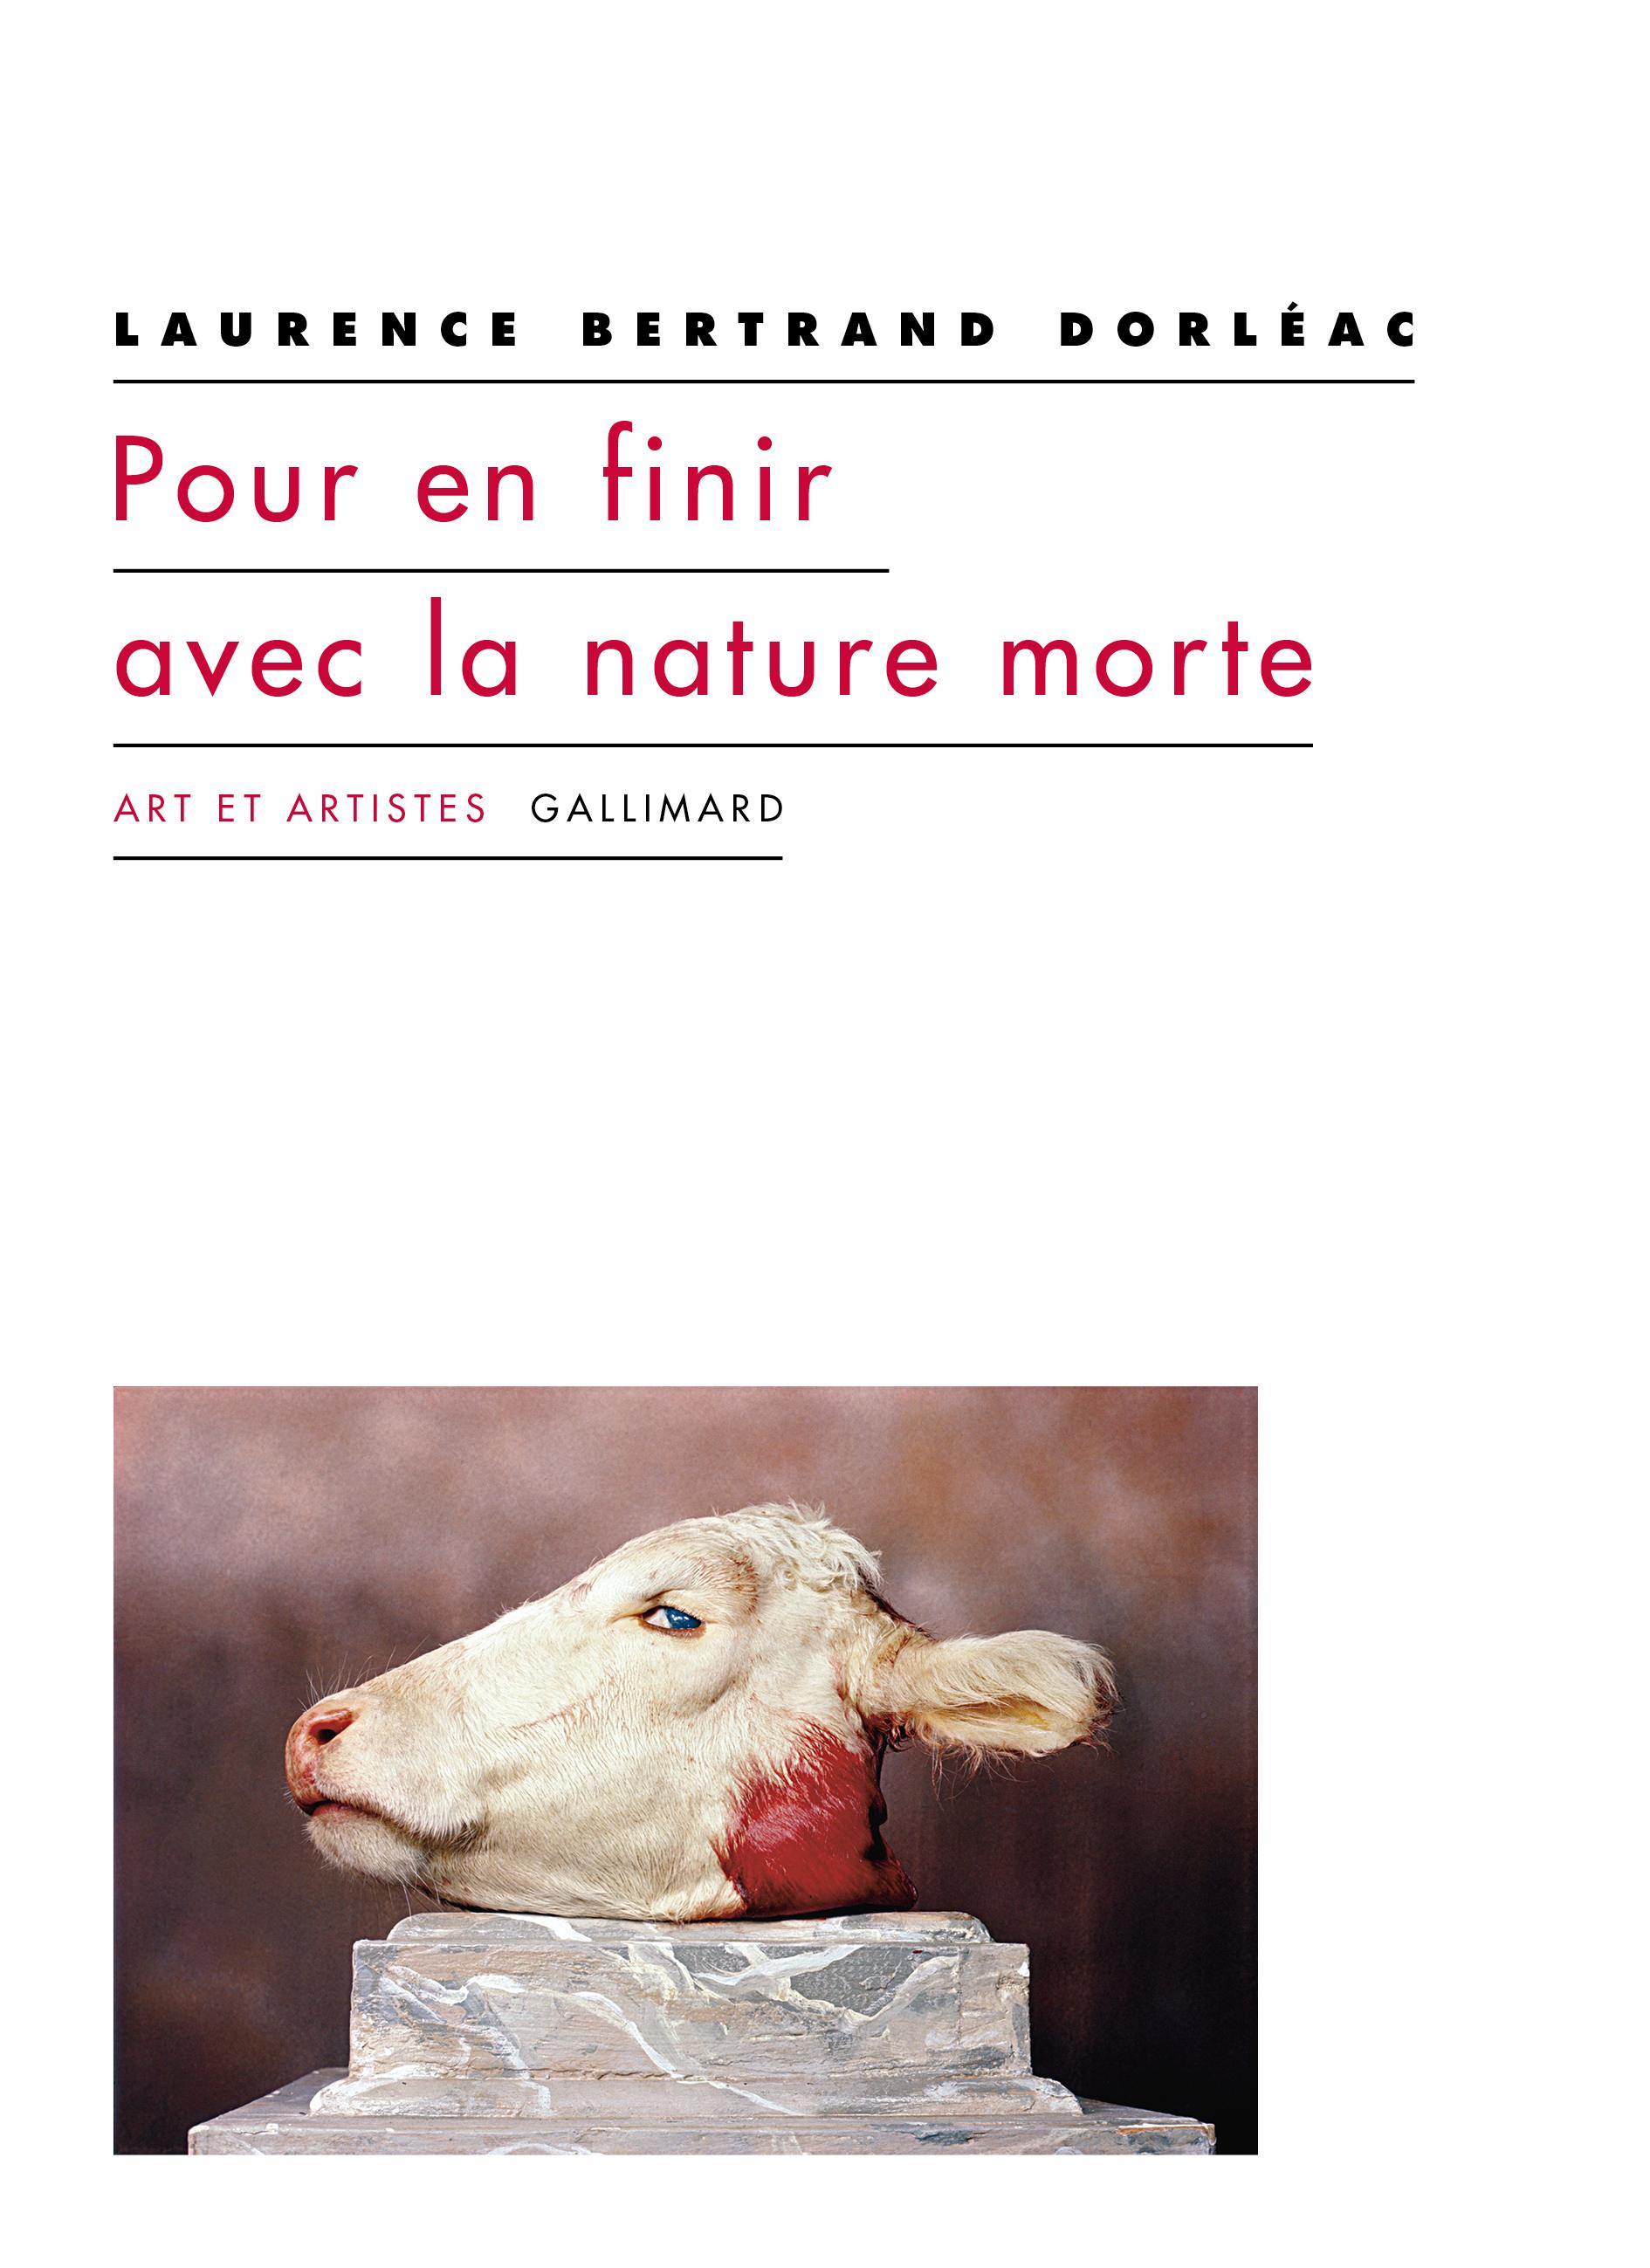 L. Bertrand Dorléac, Pour en finir avec la nature morte